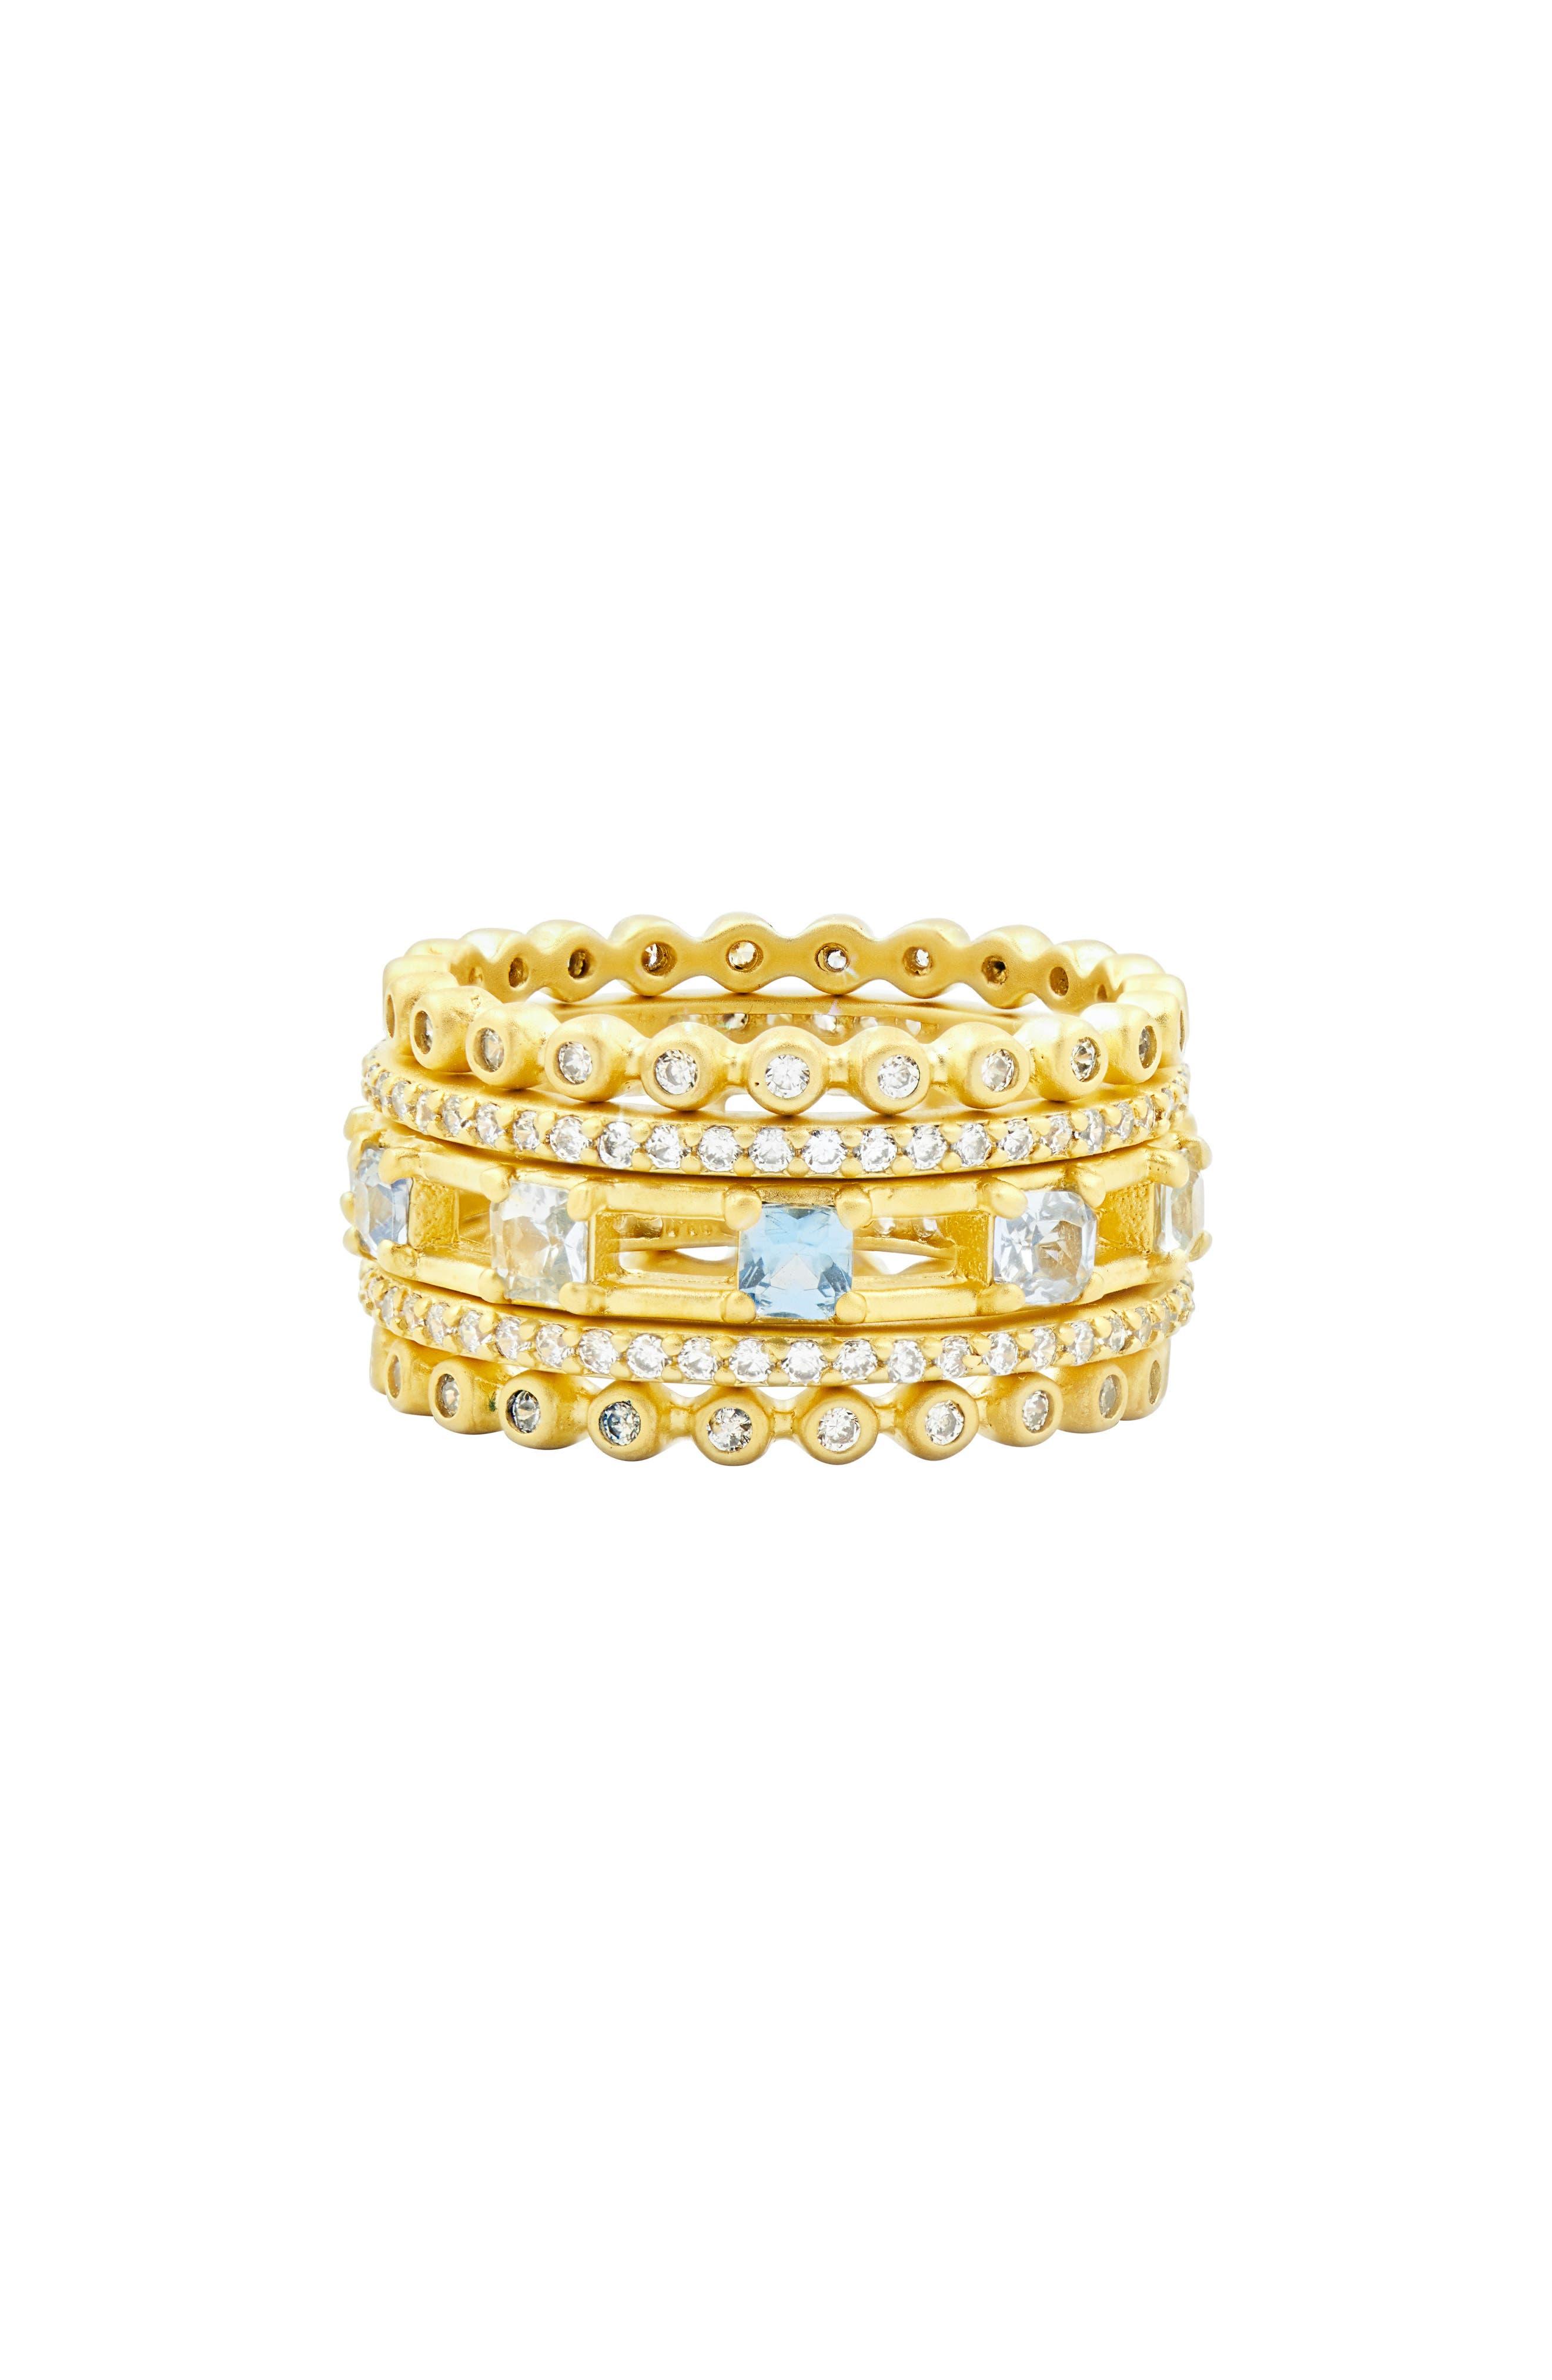 Ocean Azure Cubic Zirconia Ring,                         Main,                         color, GOLD/ AQUA